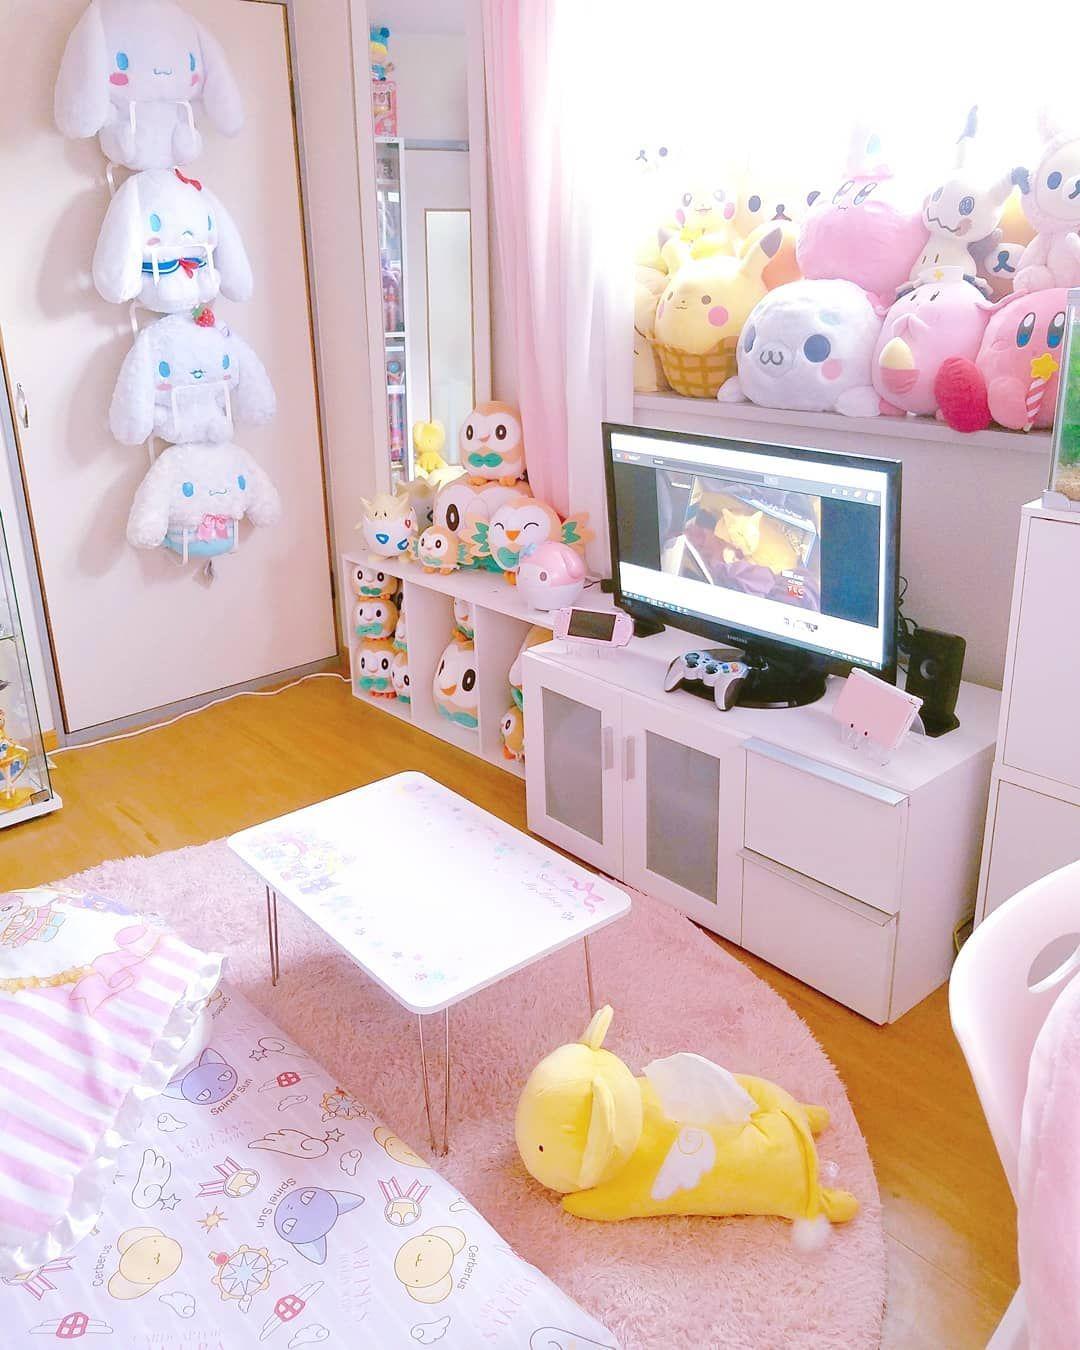 Otaku Room Cute Room Decor Cute Room Ideas